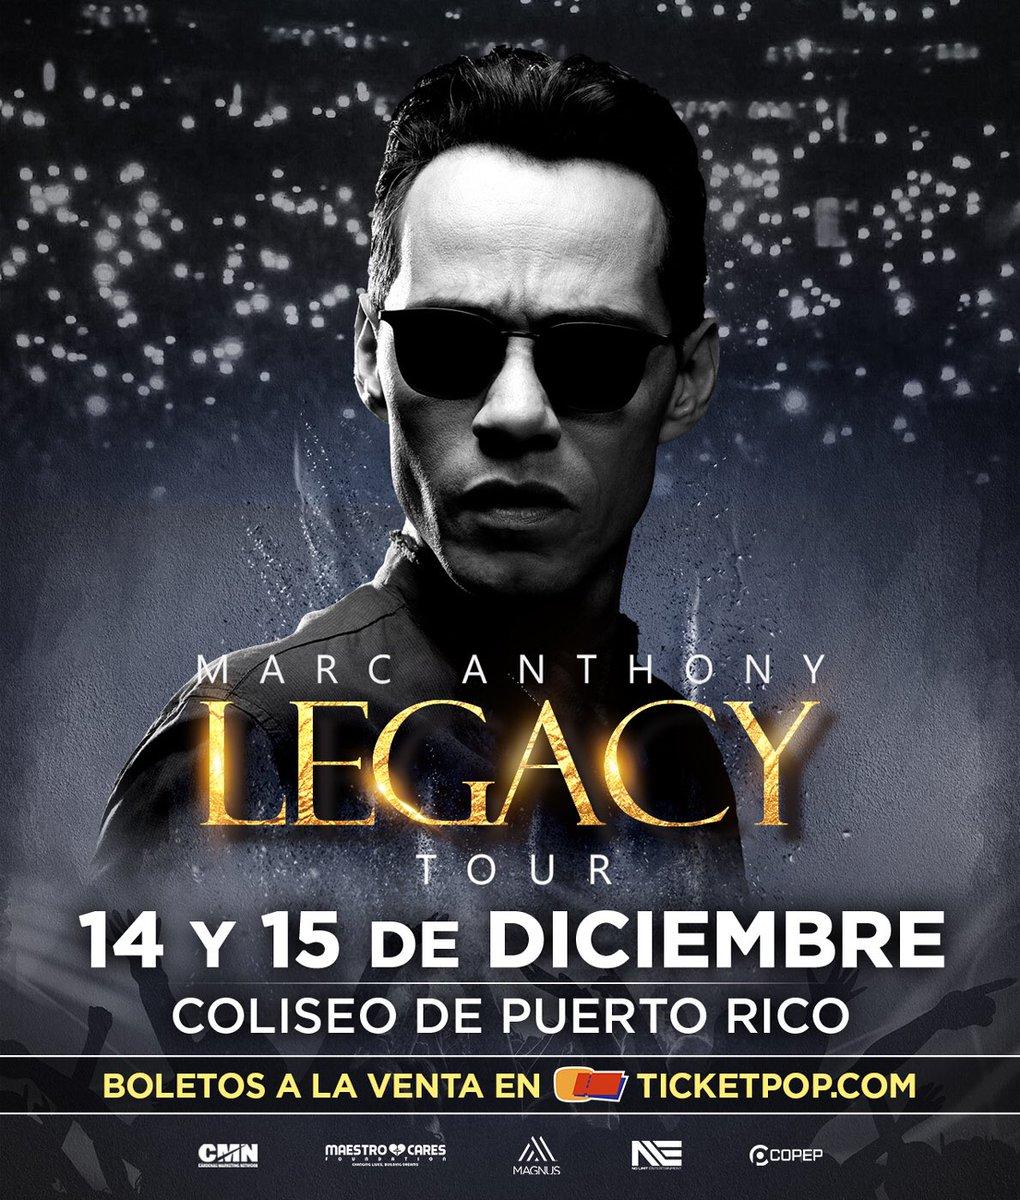 Mi Puerto Rico ???????? querido nos vemos pronto, serán dos noches inolvidables. #LegacyTour https://t.co/peG7XLi4a2